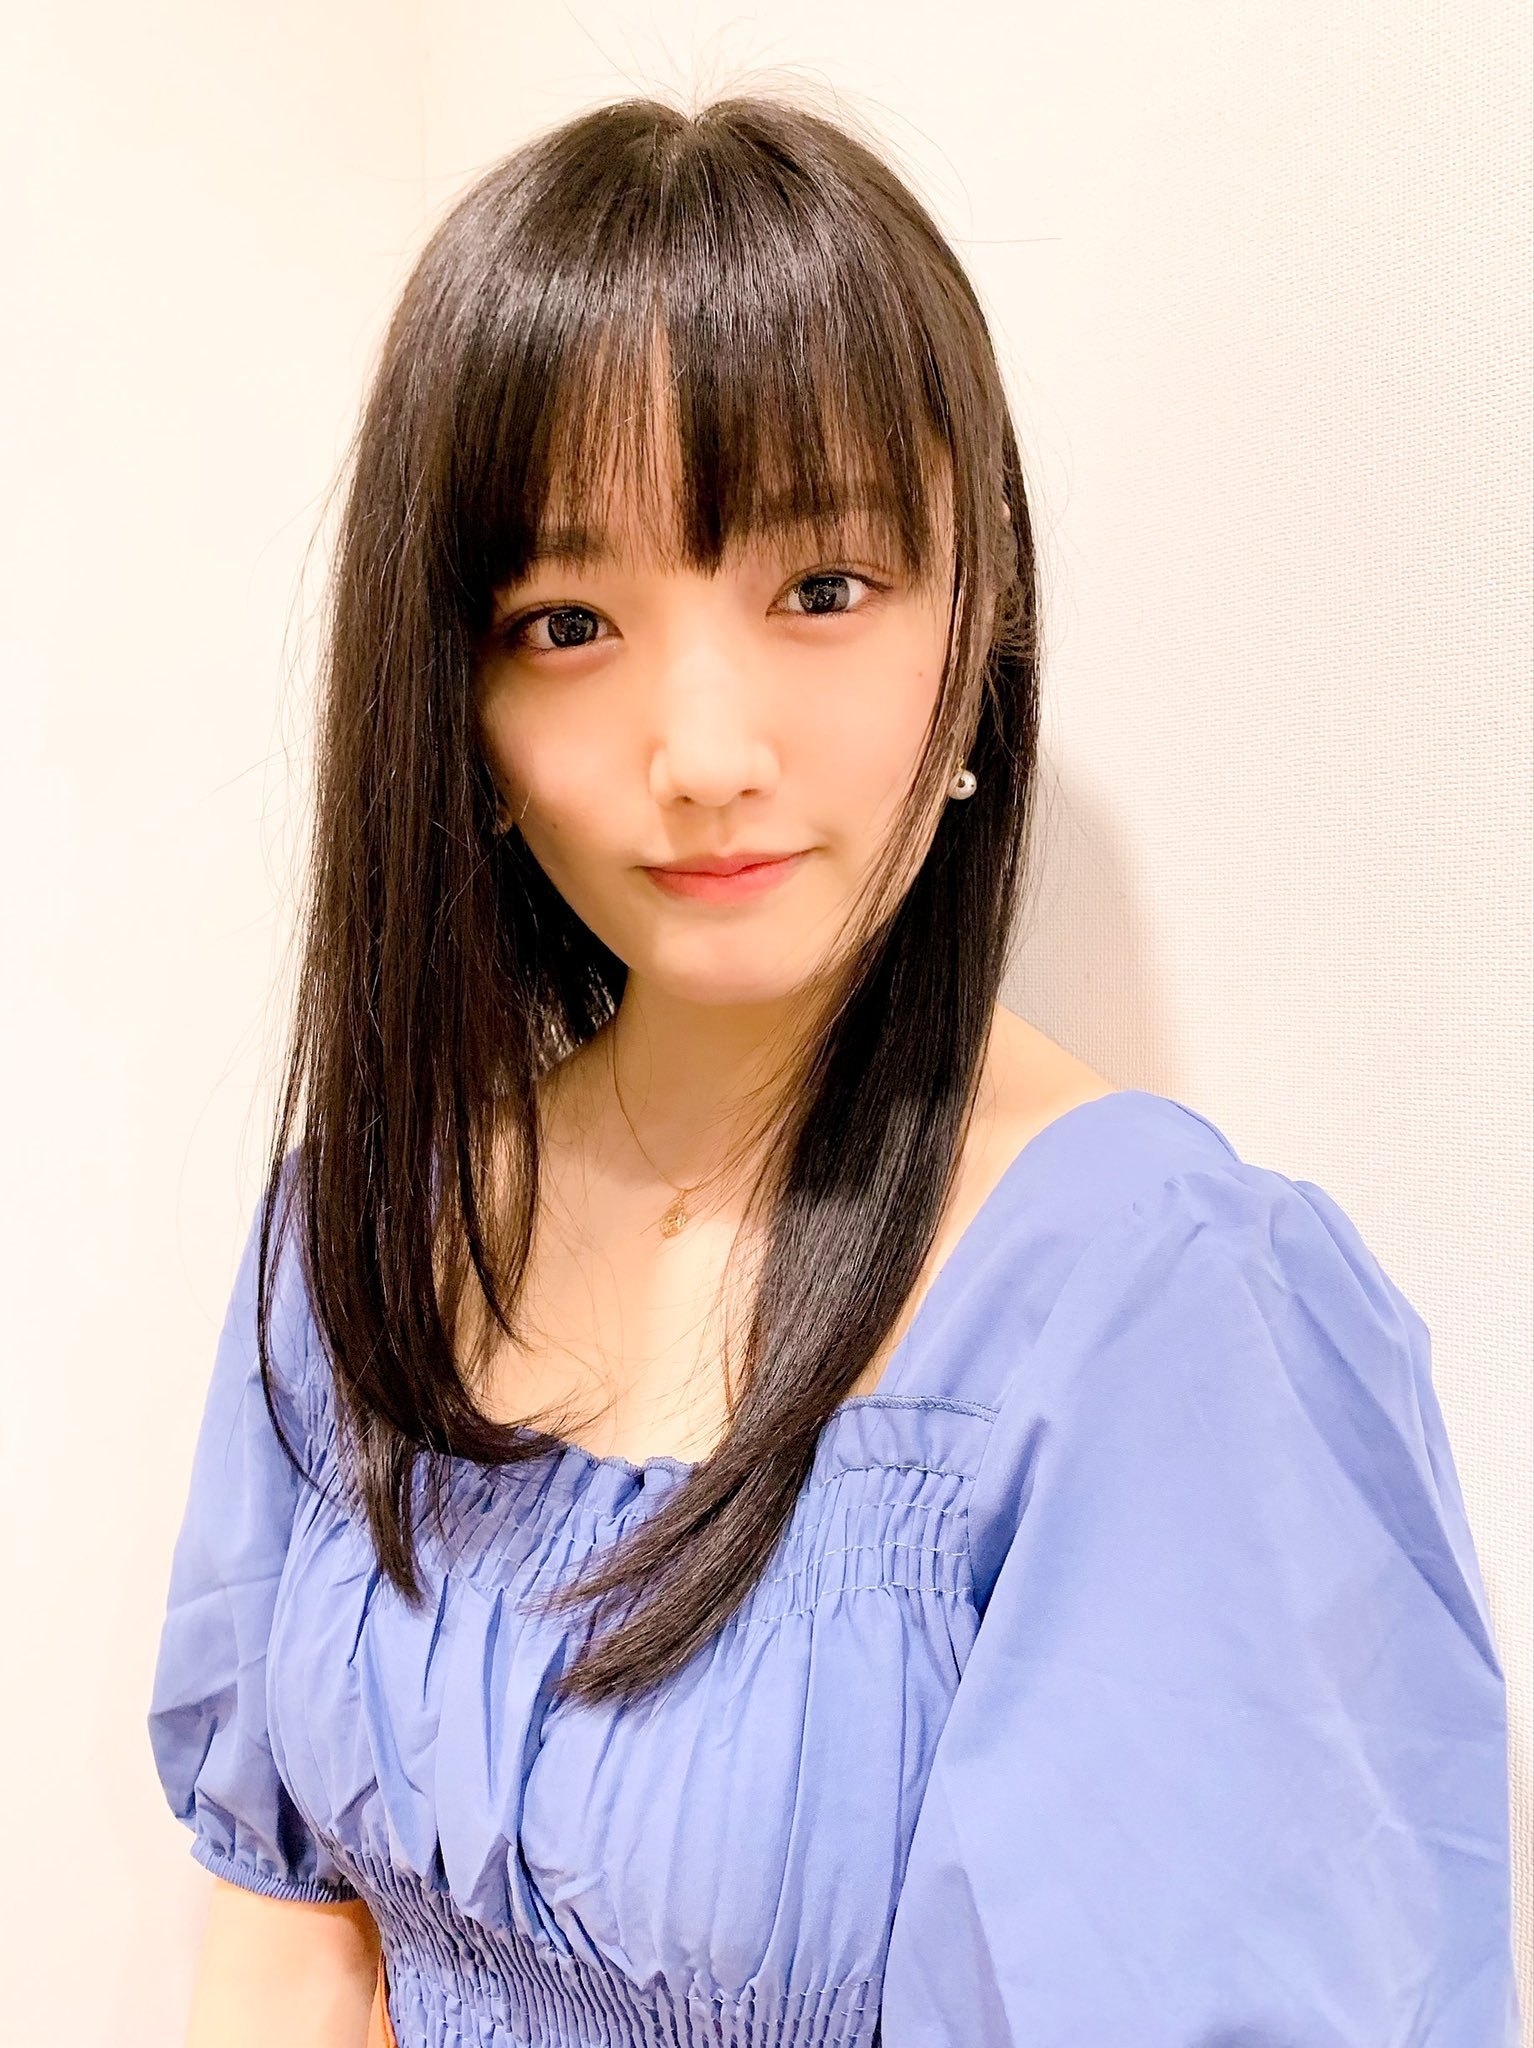 久等了20岁安藤笑樱睽违近一年推出写真 养眼图片 第6张